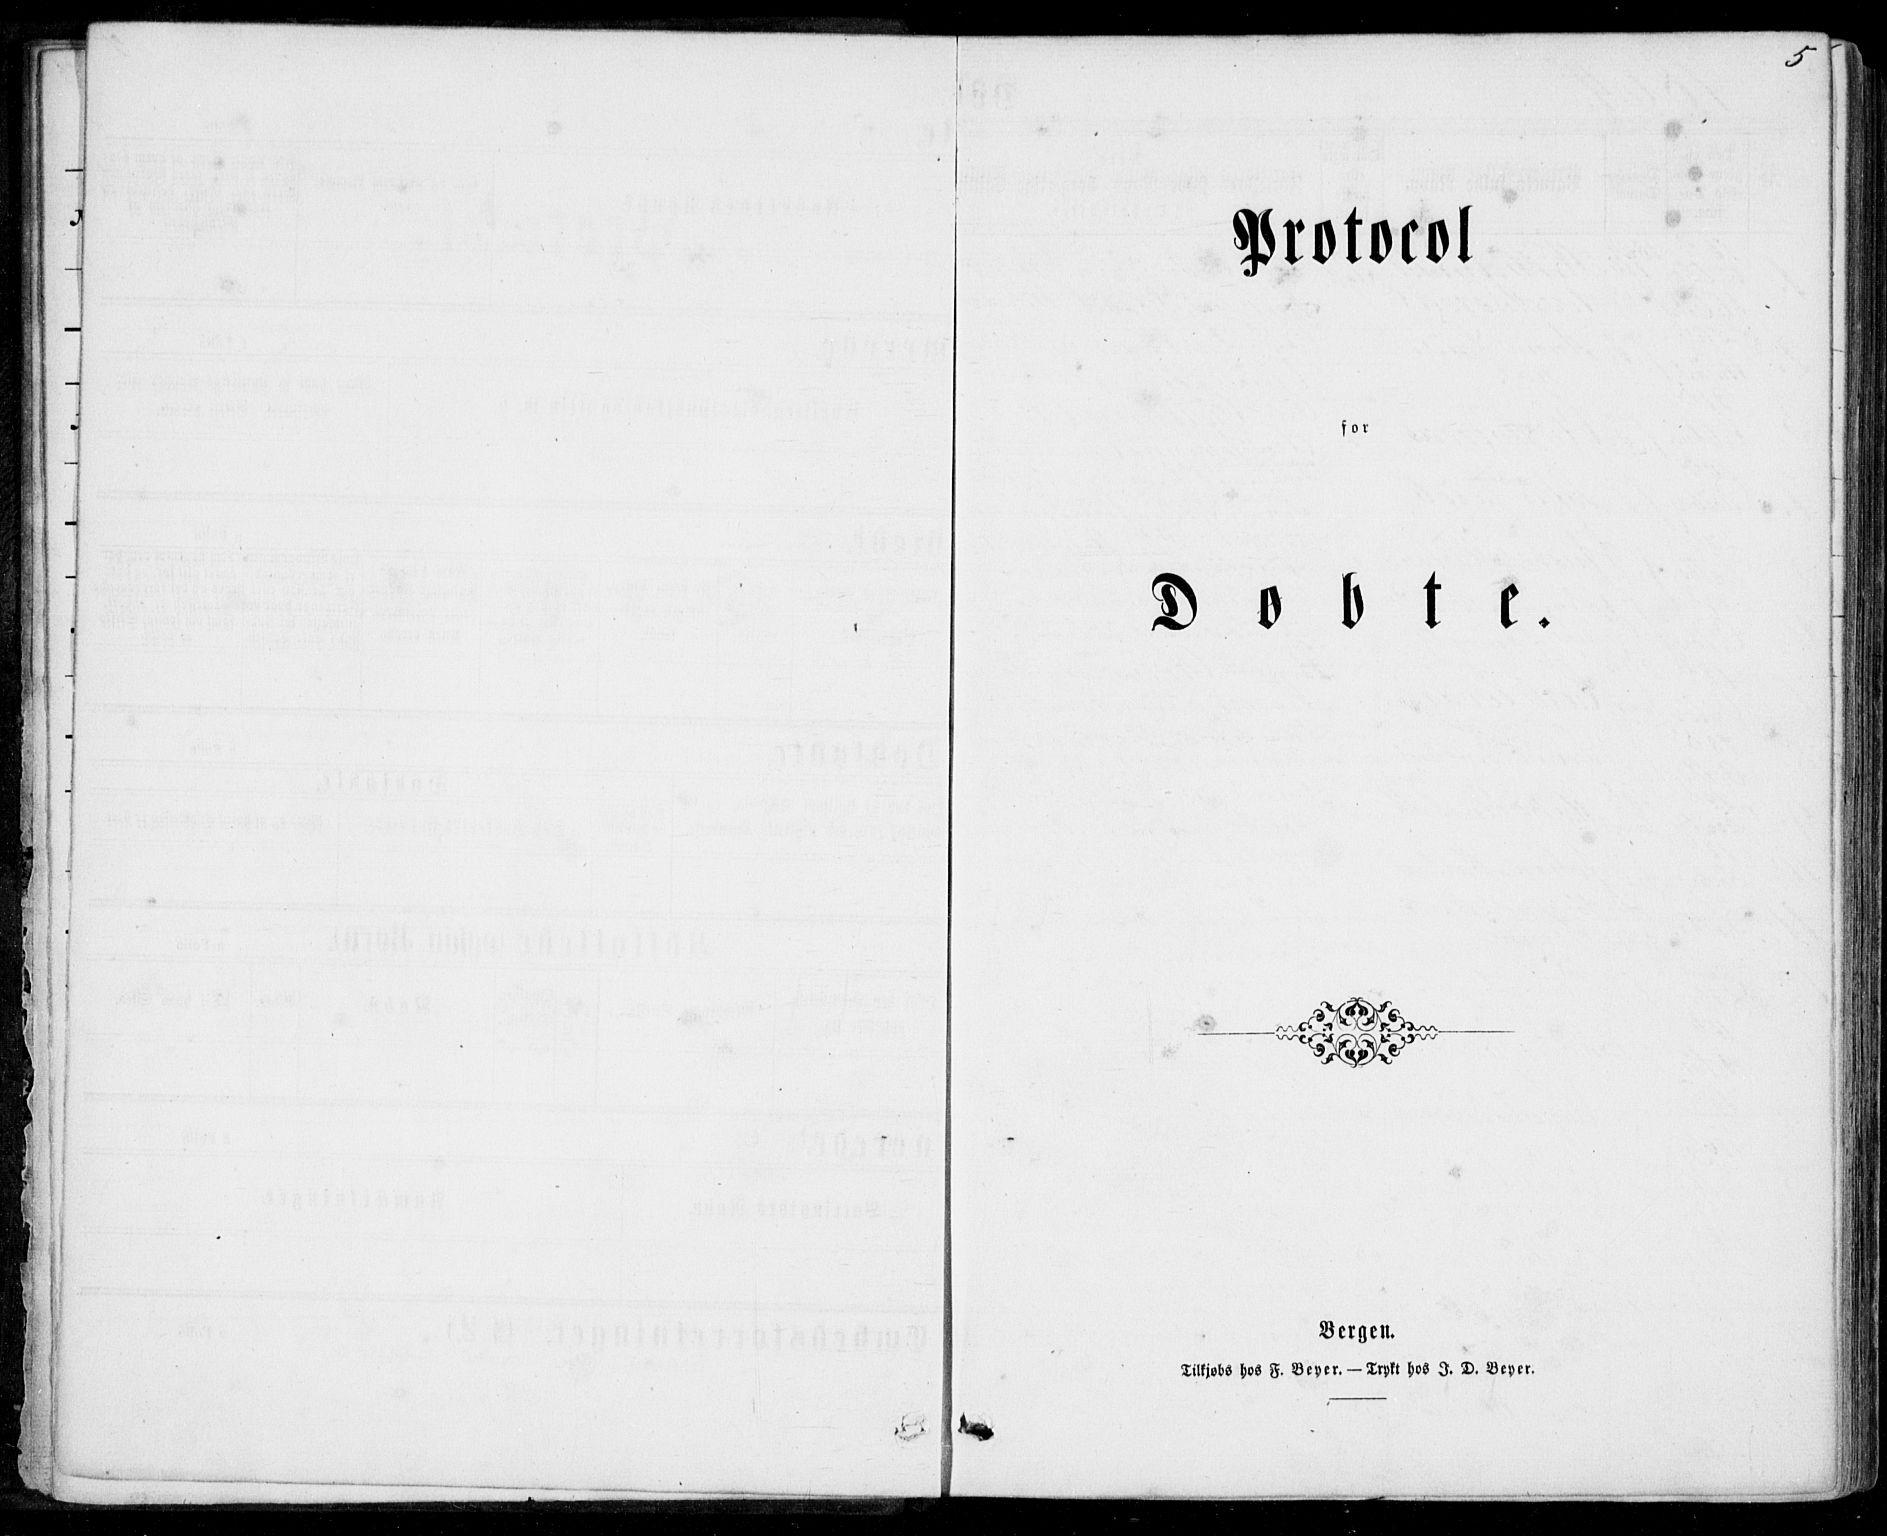 SAT, Ministerialprotokoller, klokkerbøker og fødselsregistre - Møre og Romsdal, 529/L0452: Ministerialbok nr. 529A02, 1864-1871, s. 5